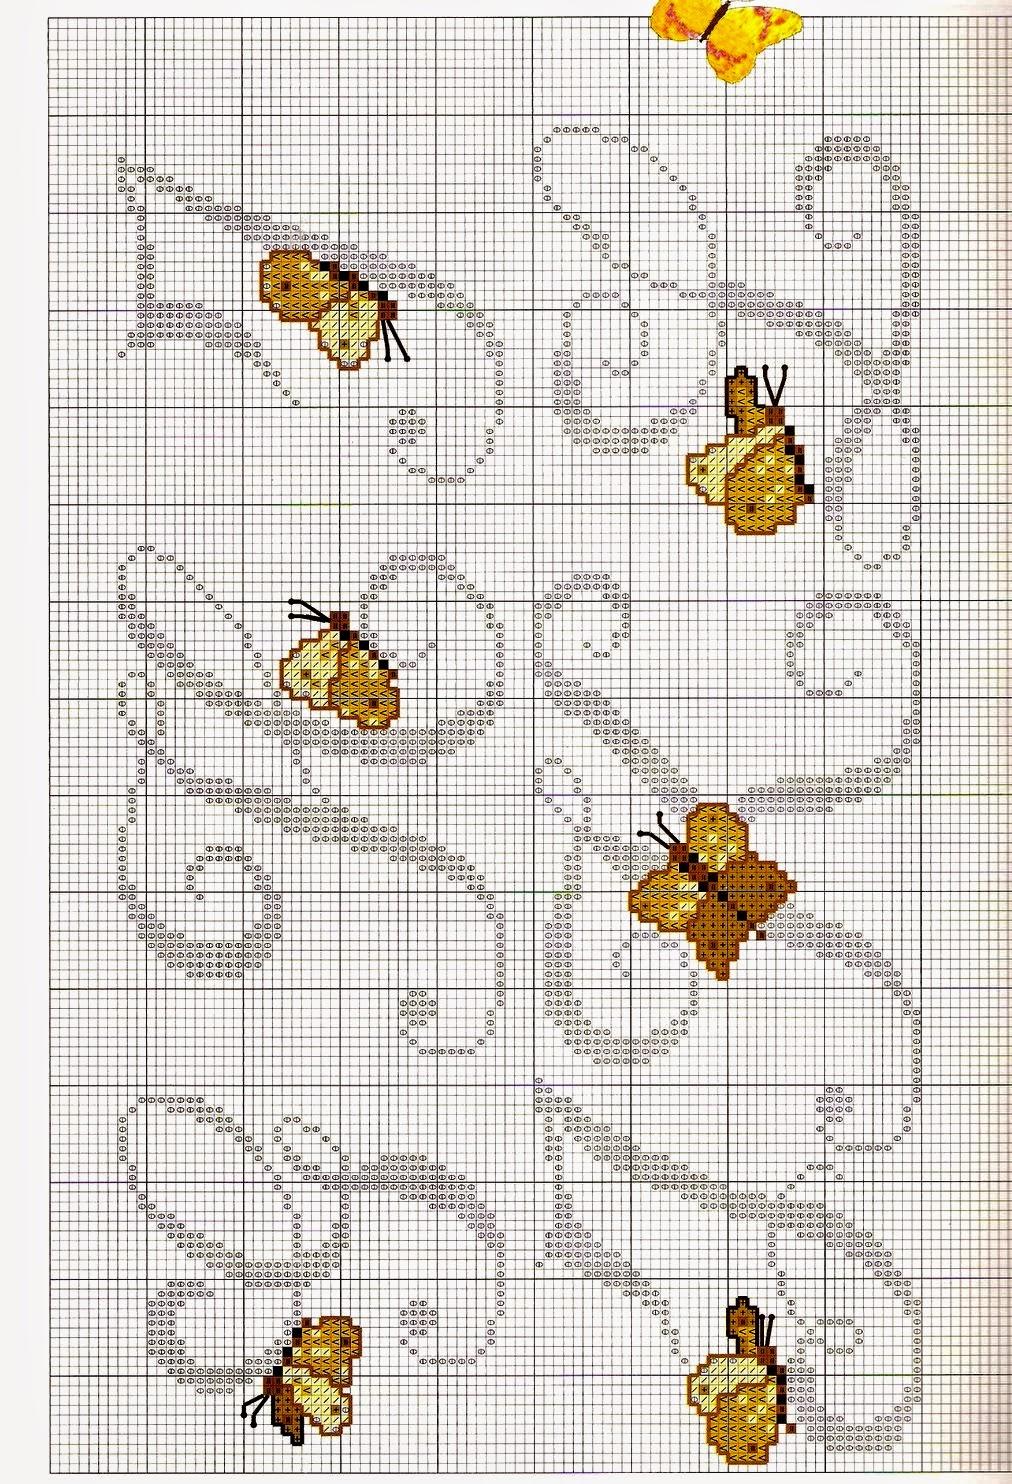 Ricami e schemi a punto croce gratuiti lettere alfabeto for Farfalle punto croce schemi gratis